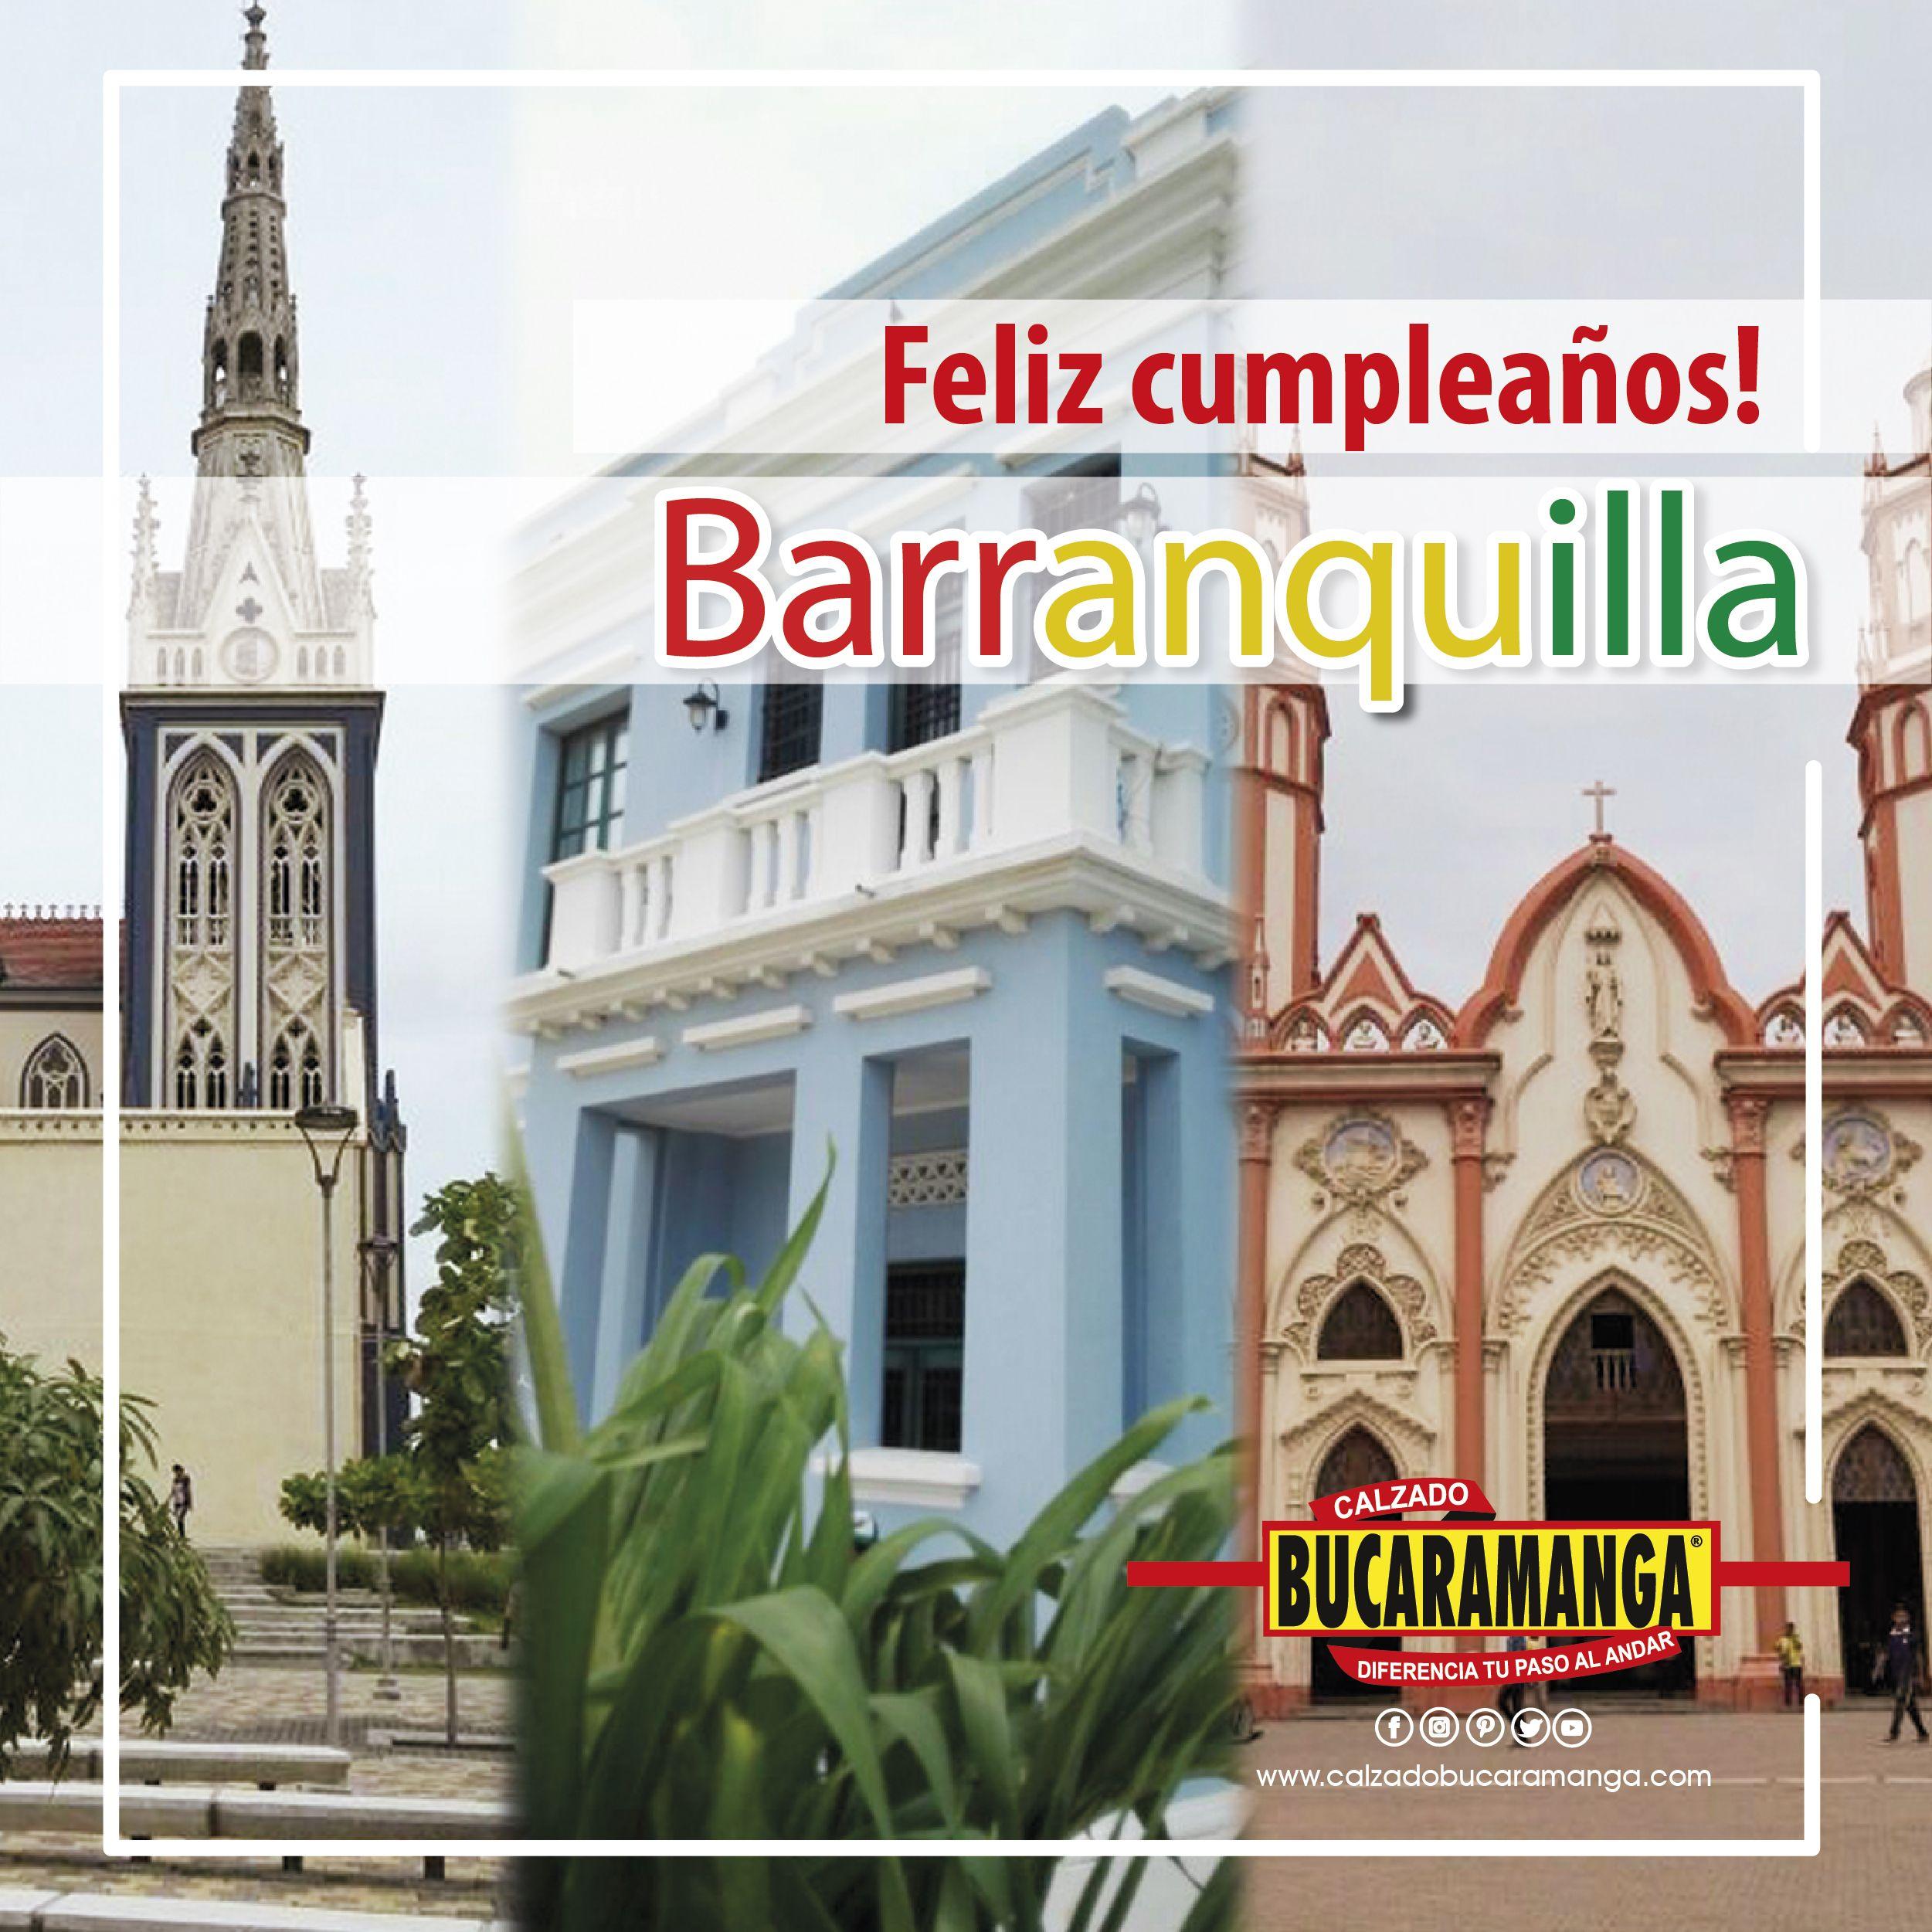 Celebramos El Cumplea U00f1os De Barranquilla205 U00a1Diferencia